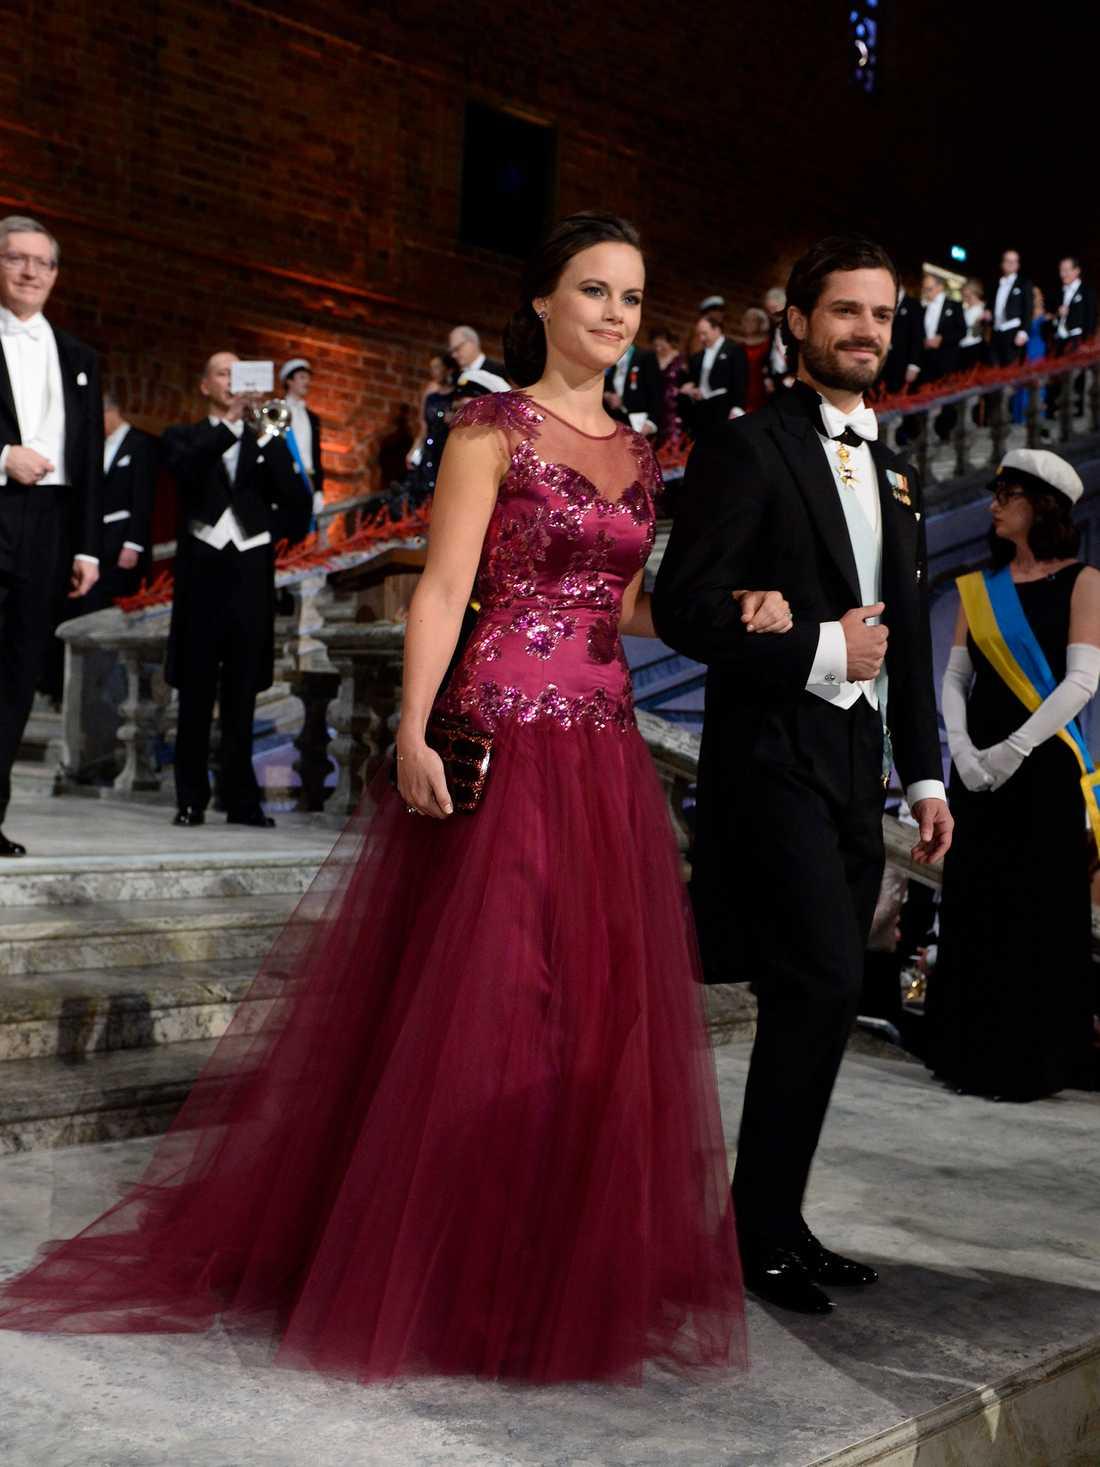 Spets, tyll och broderier – Sofia bar denna klänningen från Ida Sjöstedt på nobelfesten 2014. Håret var samlat i en knut baktill med ett matchande hårsmycke.